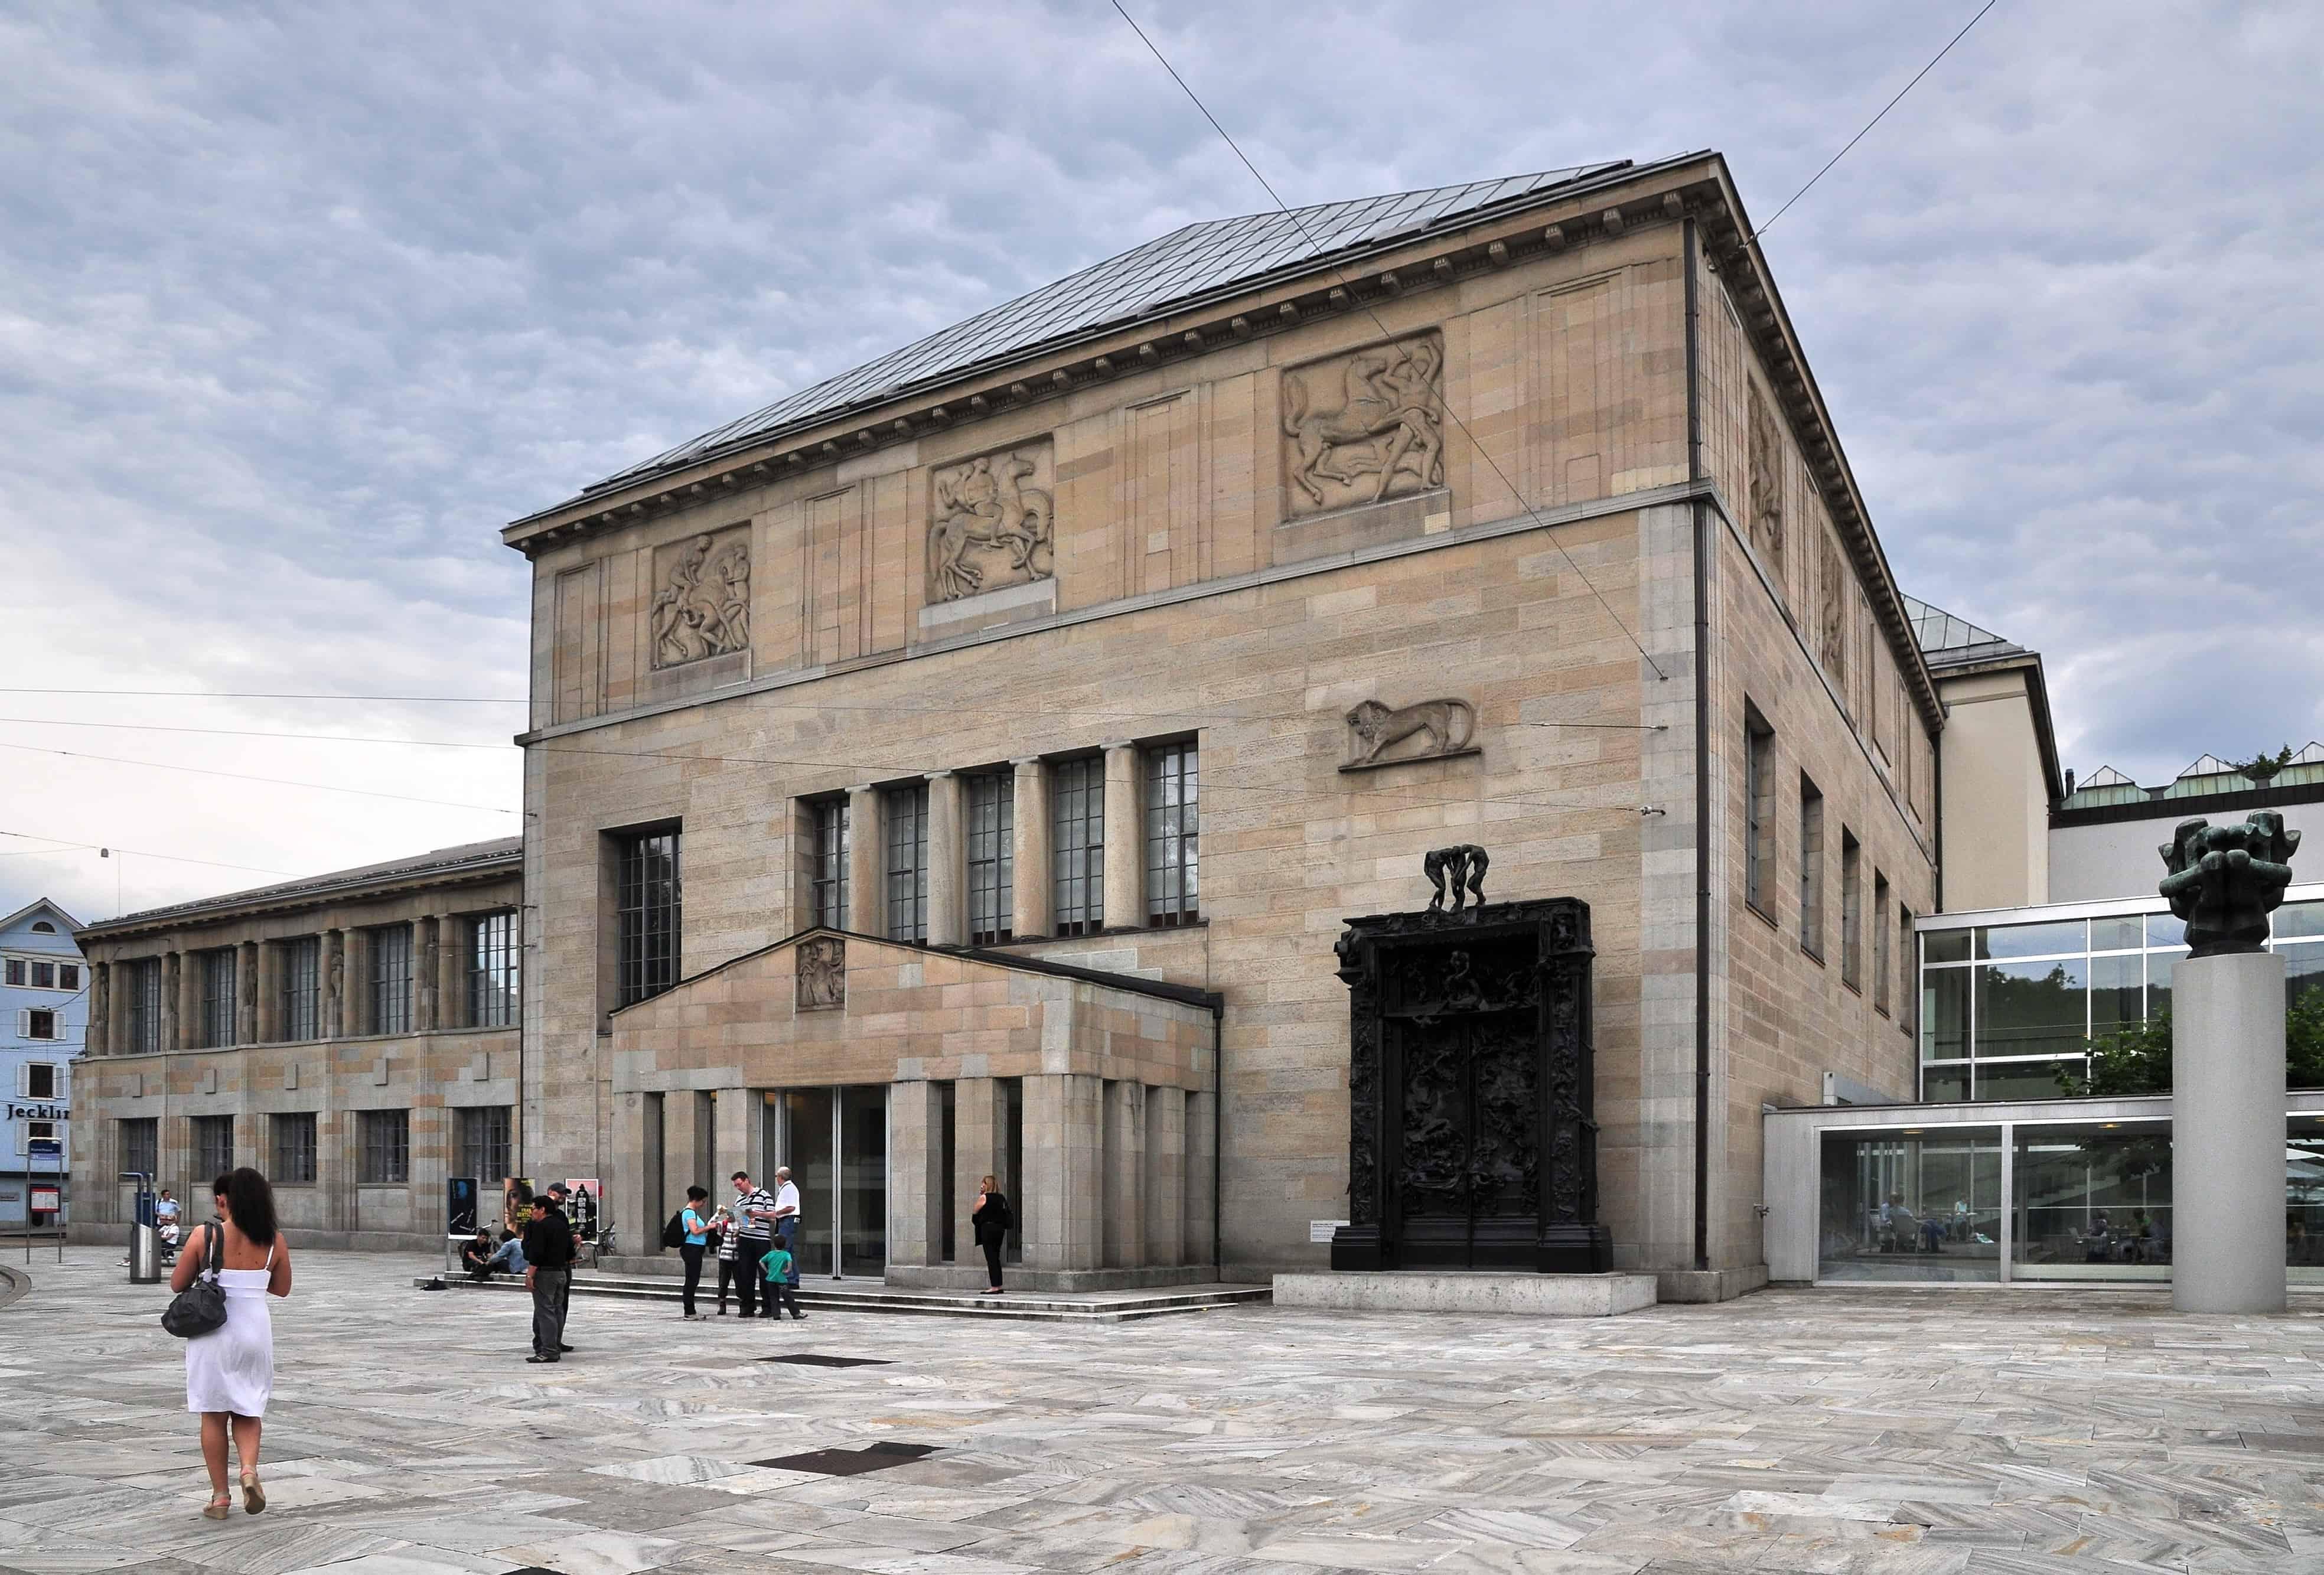 Zurich's Art Museums